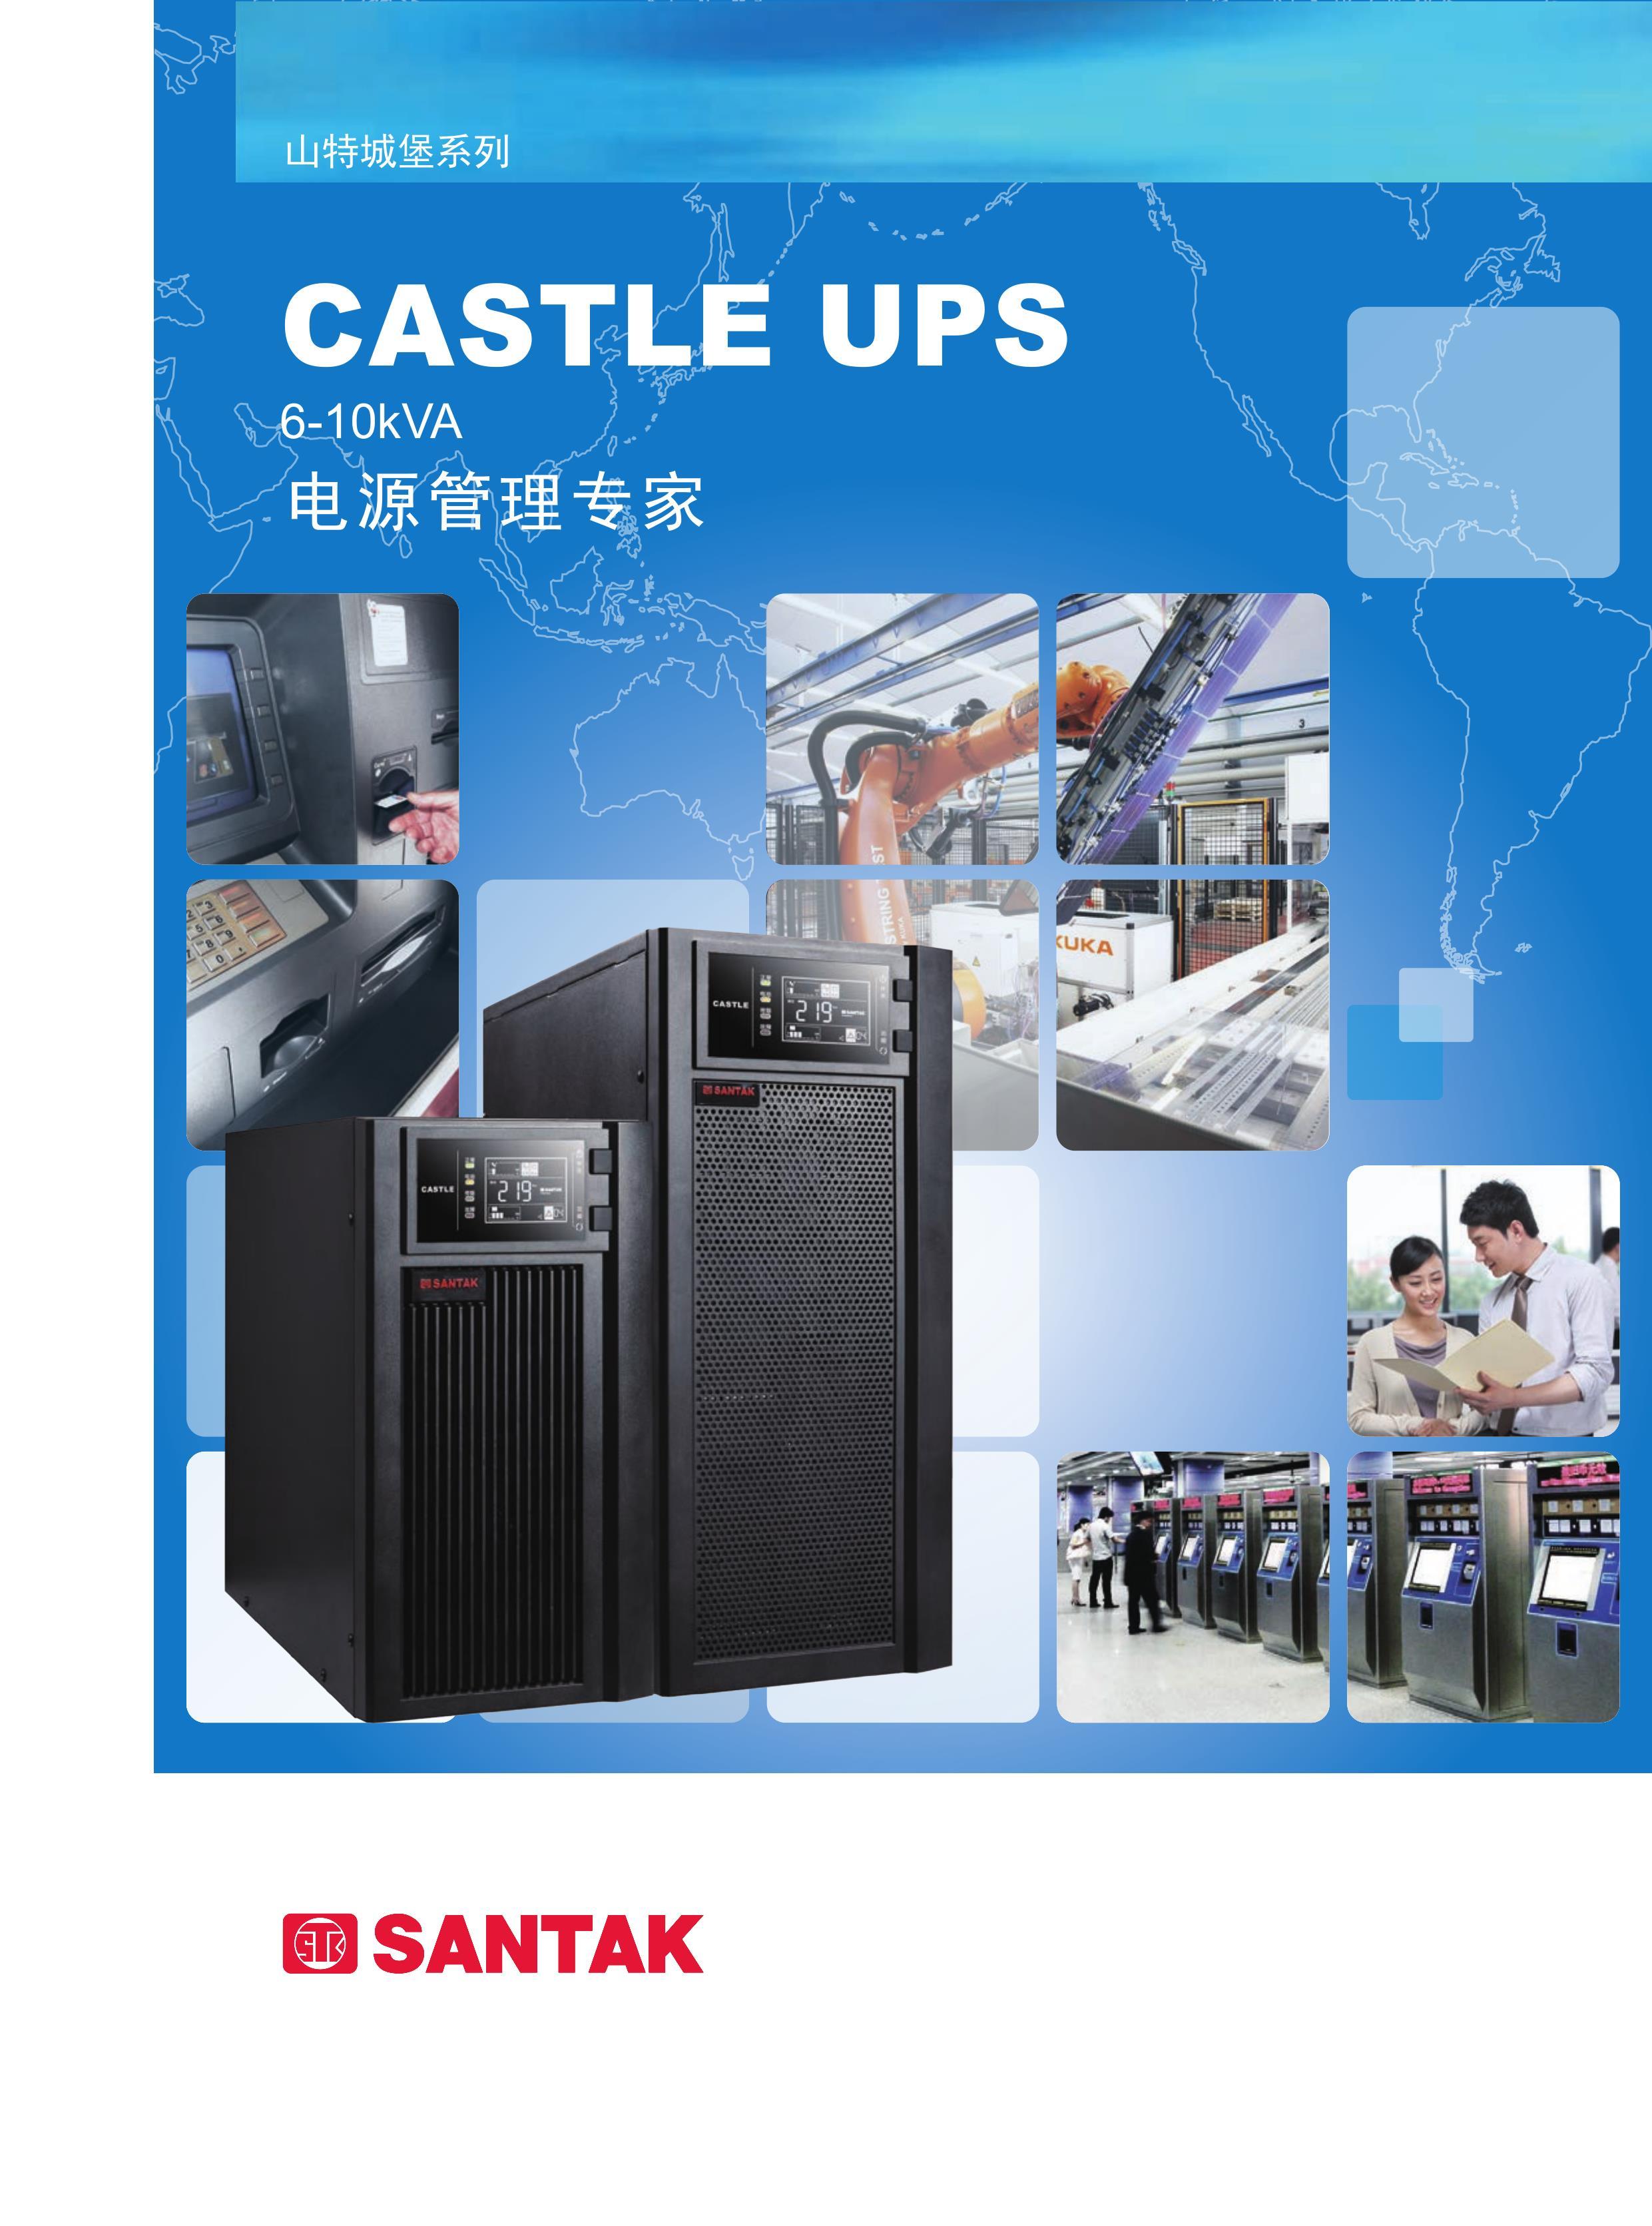 山特城堡C6-10kVA系列UPS